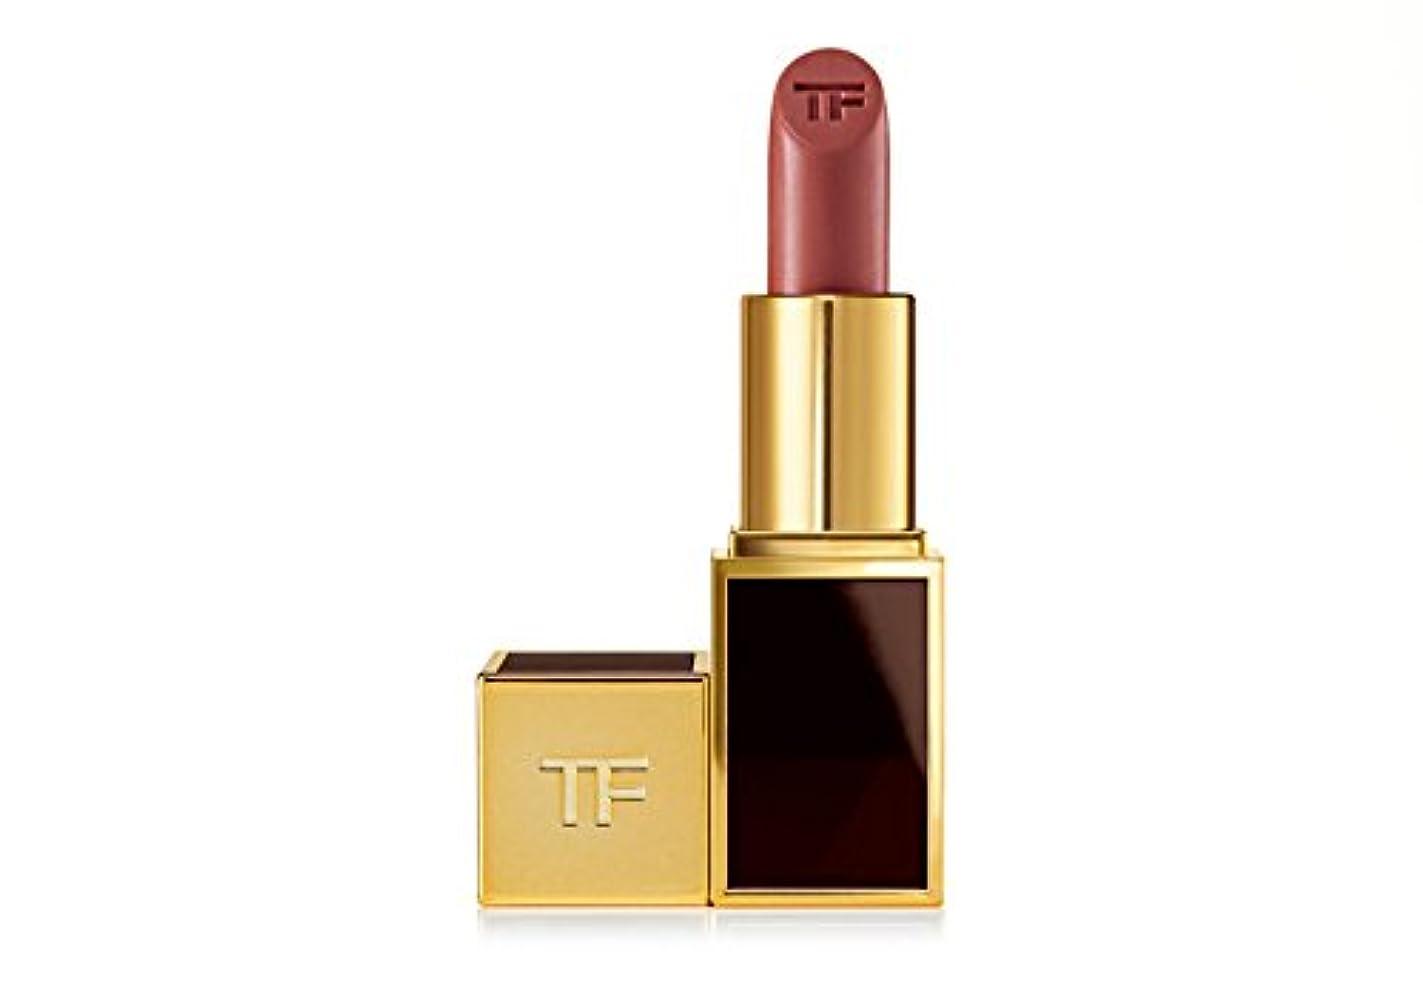 フィードオン良さ春トムフォード リップス アンド ボーイズ 11 中立 リップカラー 口紅 Tom Ford Lipstick 11 NEUTRALS Lip Color Lips and Boys (#20 Richard リチャード)...